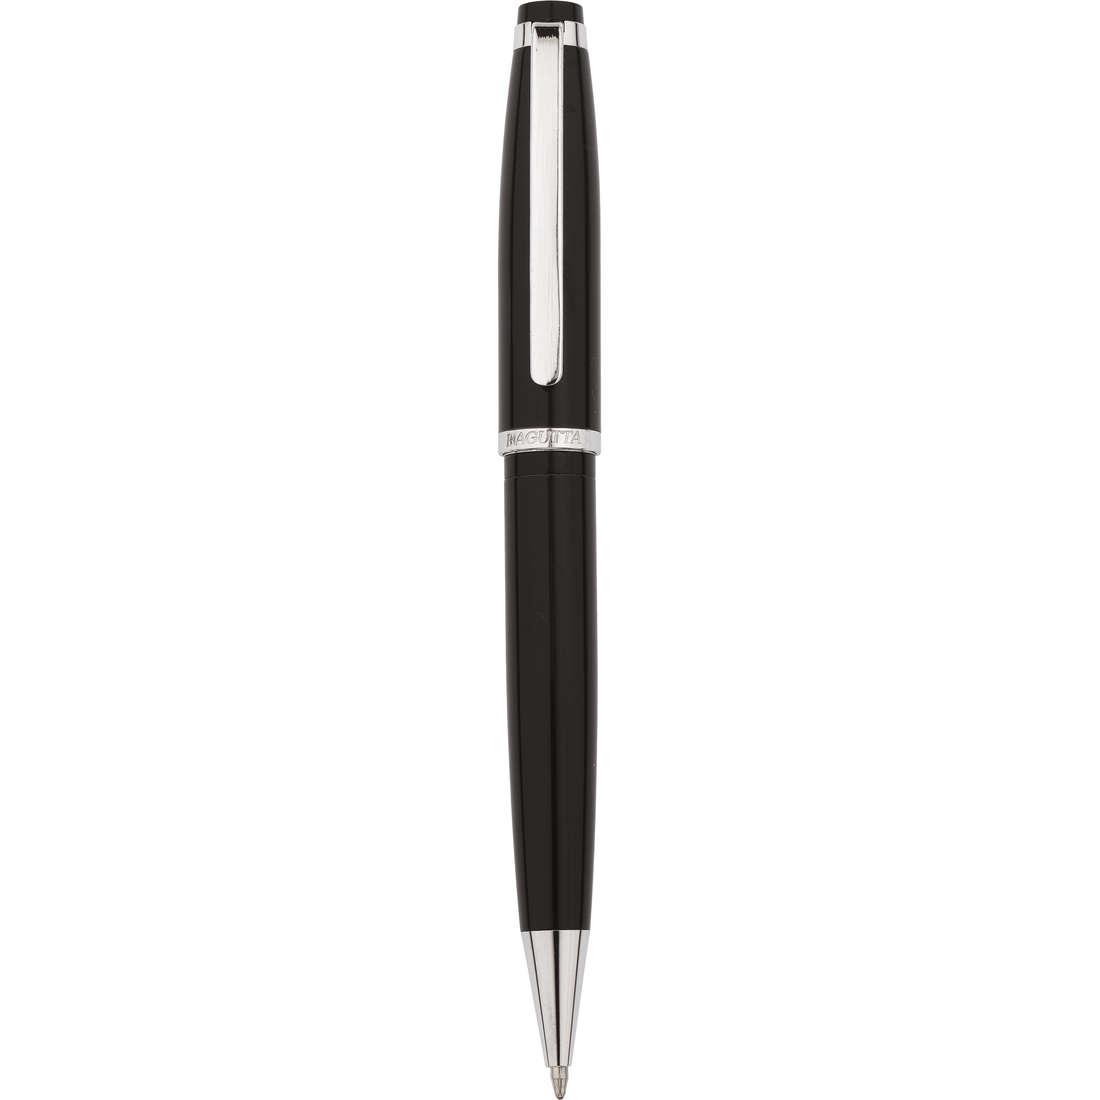 stylo unisex bijoux Bagutta Penne H 6000-02 B